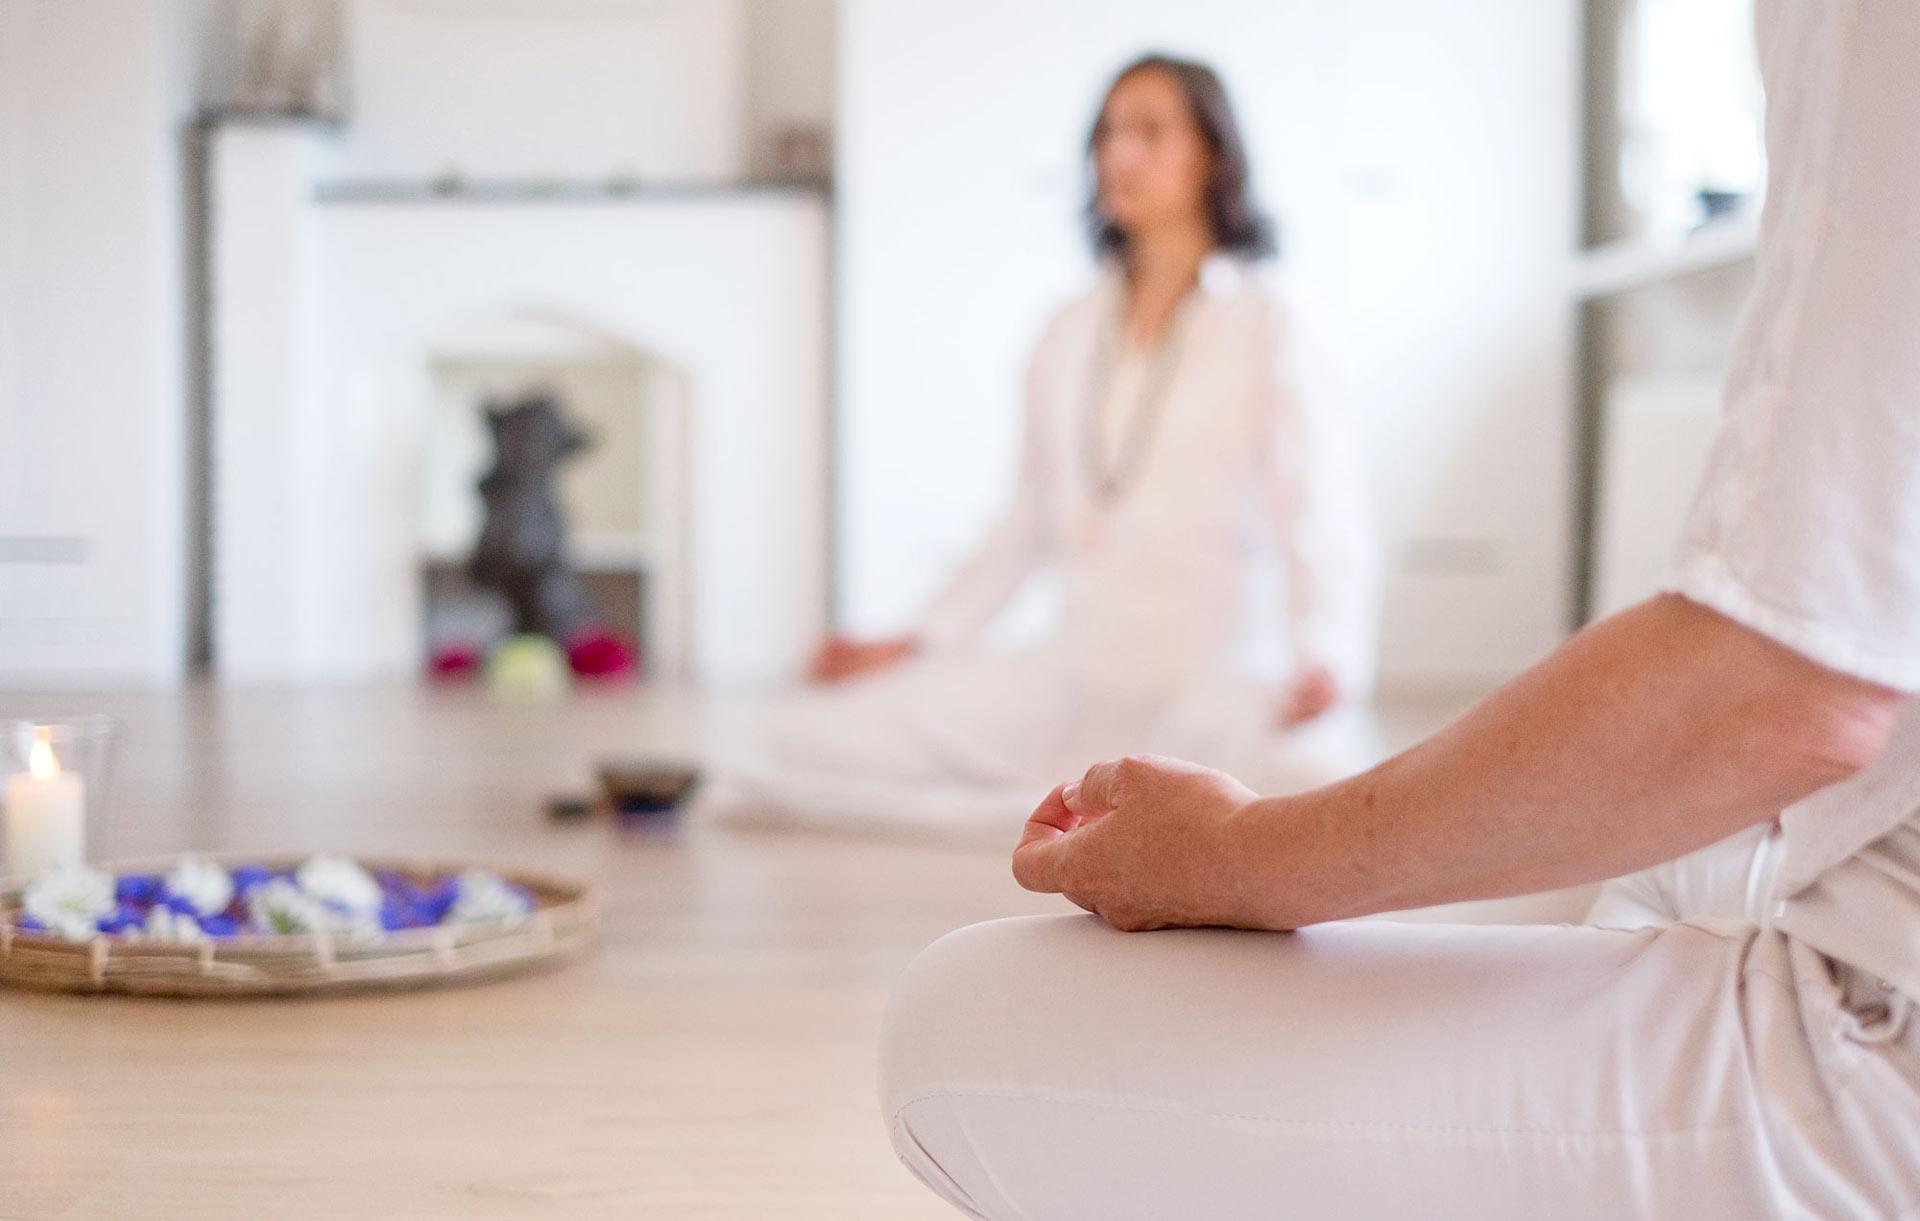 Yoga citta vritti nirodhah